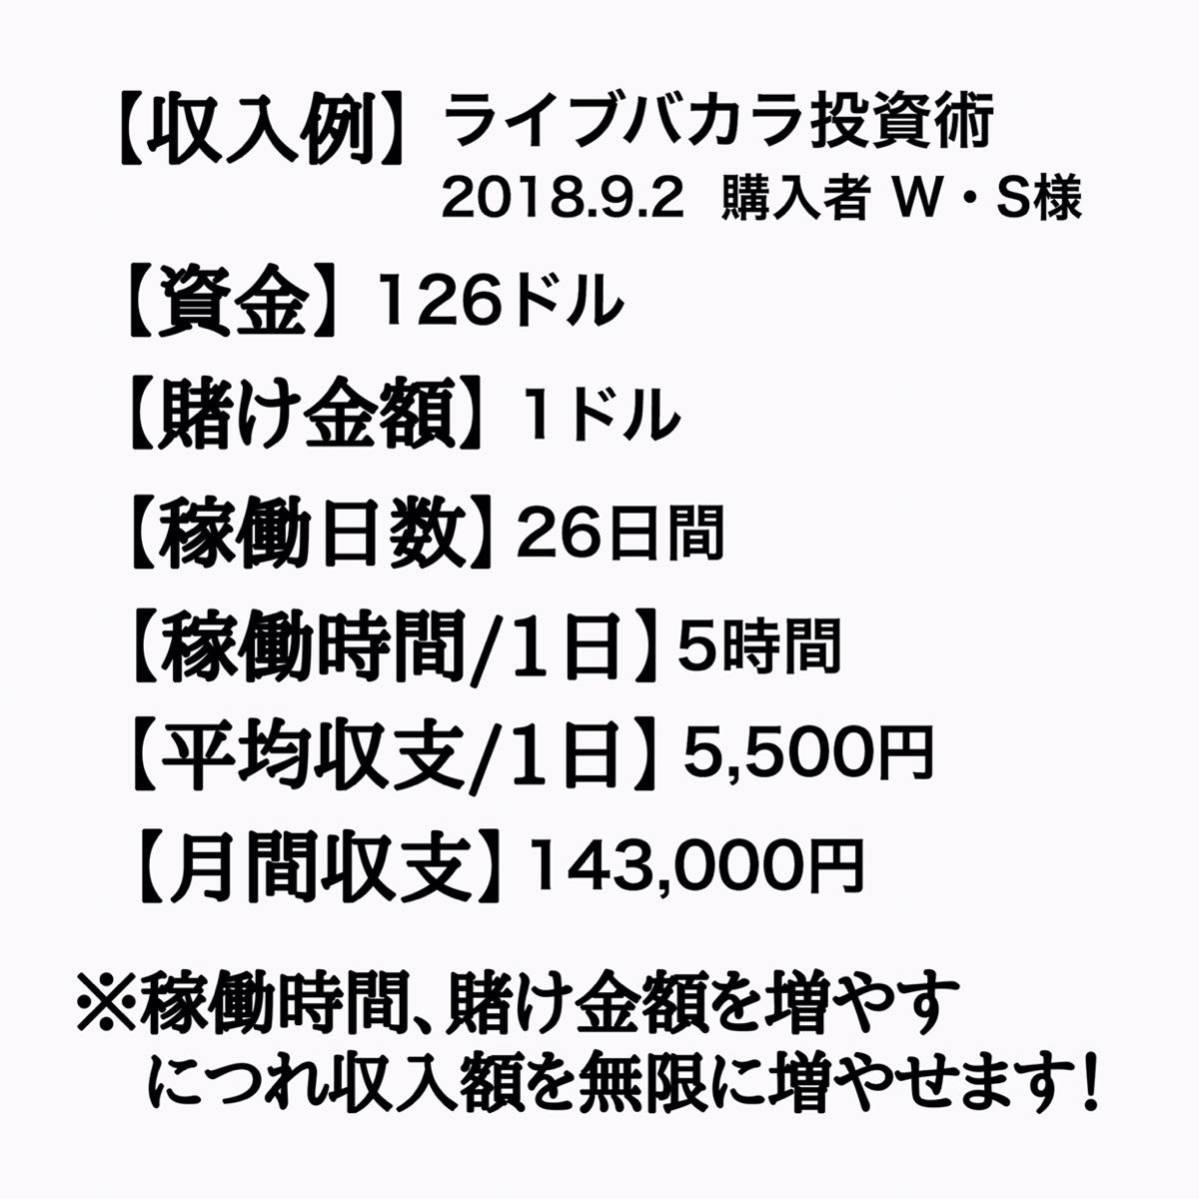 《先着3名様限定》通常価格¥90,000円⇒先着限定価格¥6,980円 完全オリジナル極秘投資術セット 攻略法 仮想通貨 FX 投資 カジノ 副業_画像6